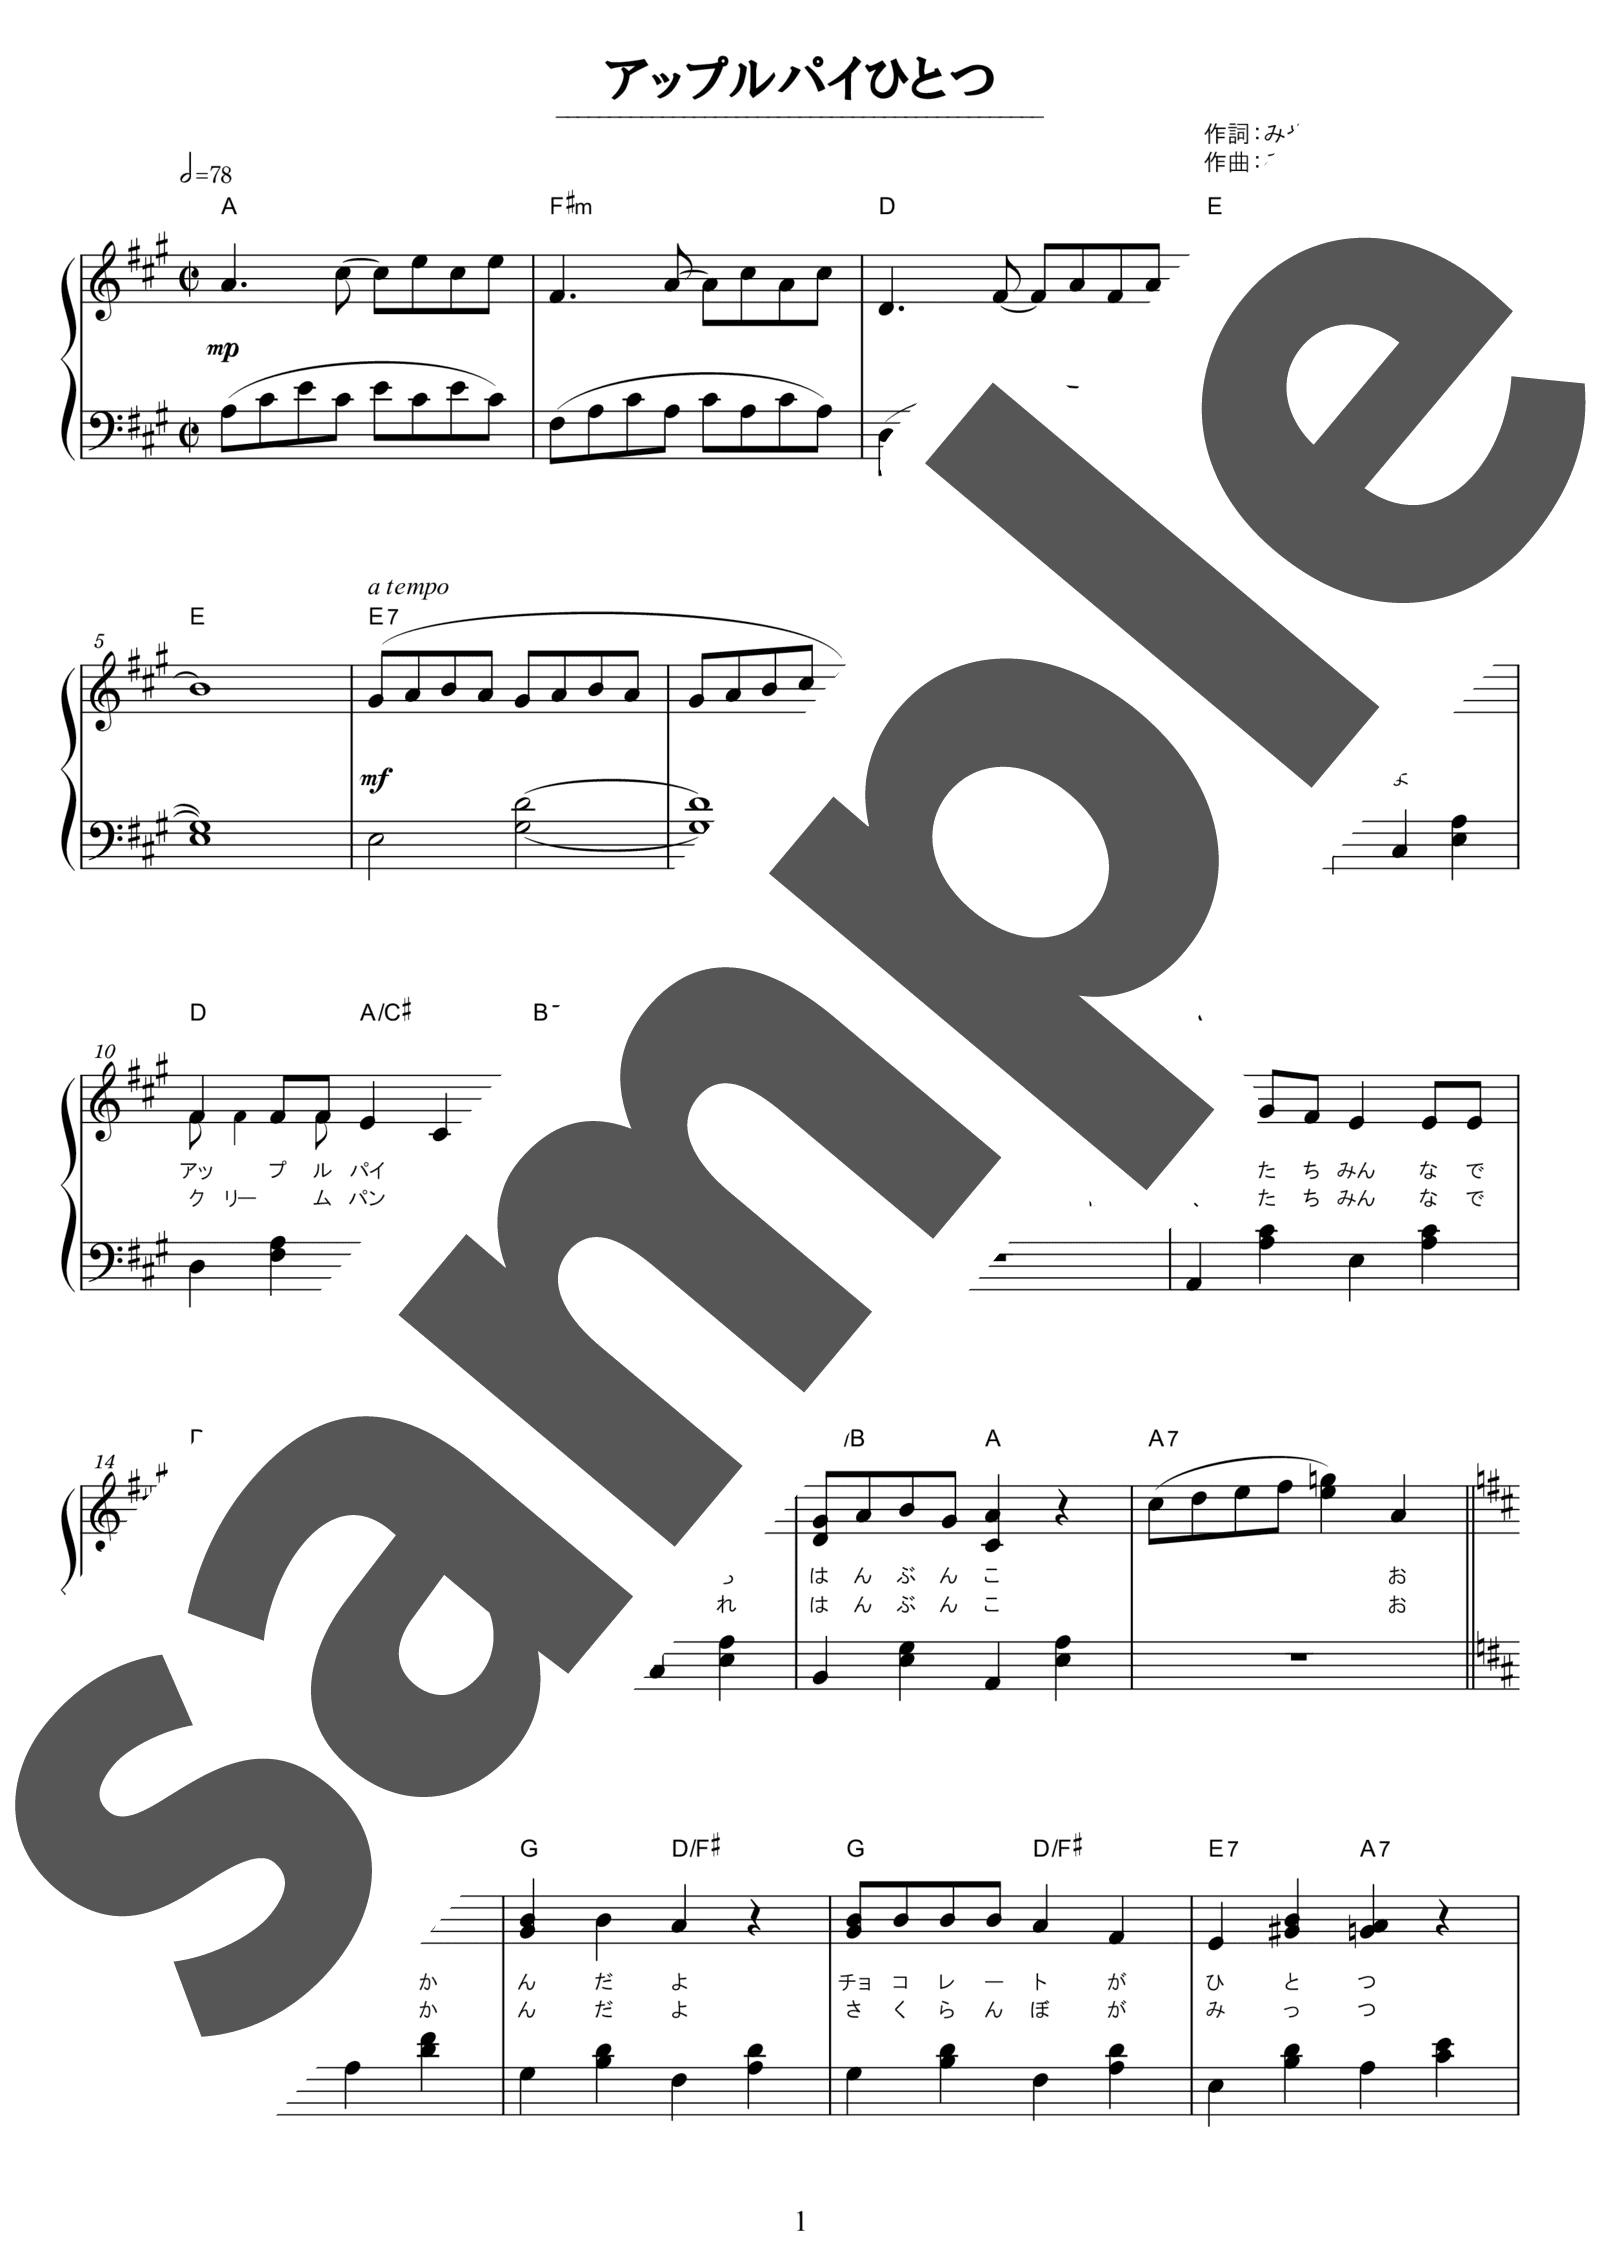 「アップルパイひとつ」のサンプル楽譜